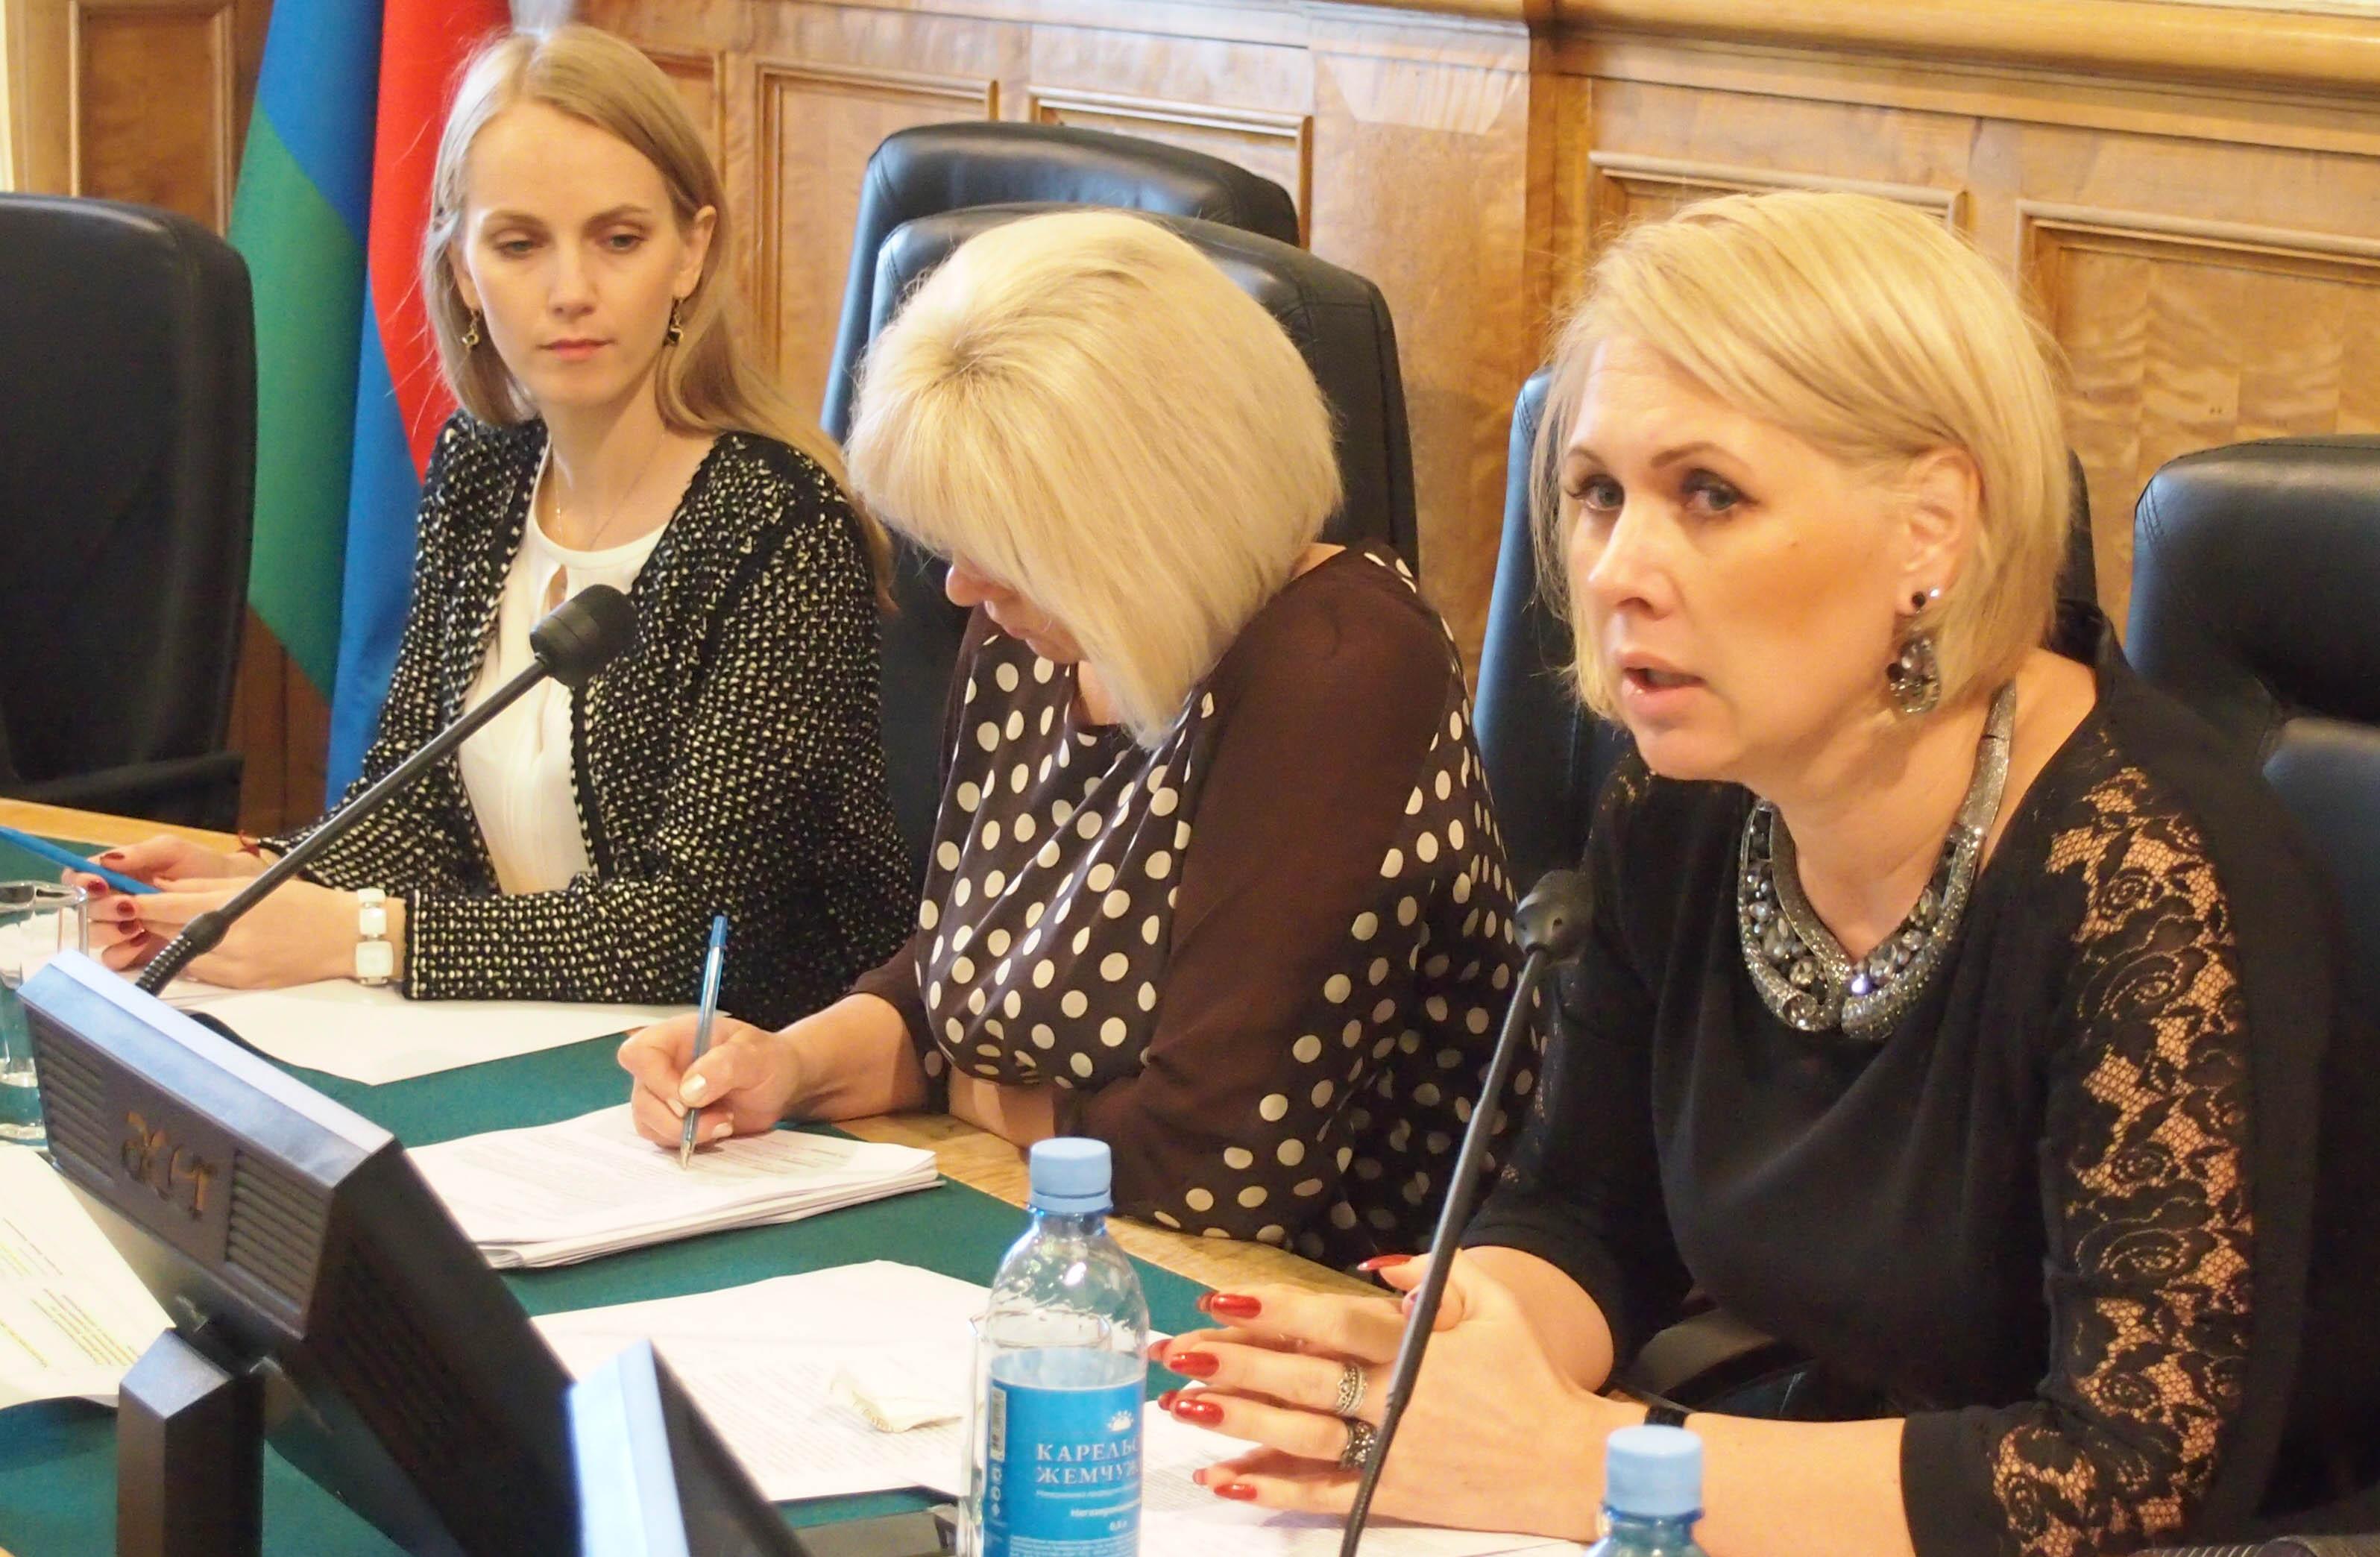 """Анна Позднякова: """"Мы зароемся в судах, но не сможем реализовать этот закон"""". Фото: Валерий Поташов"""